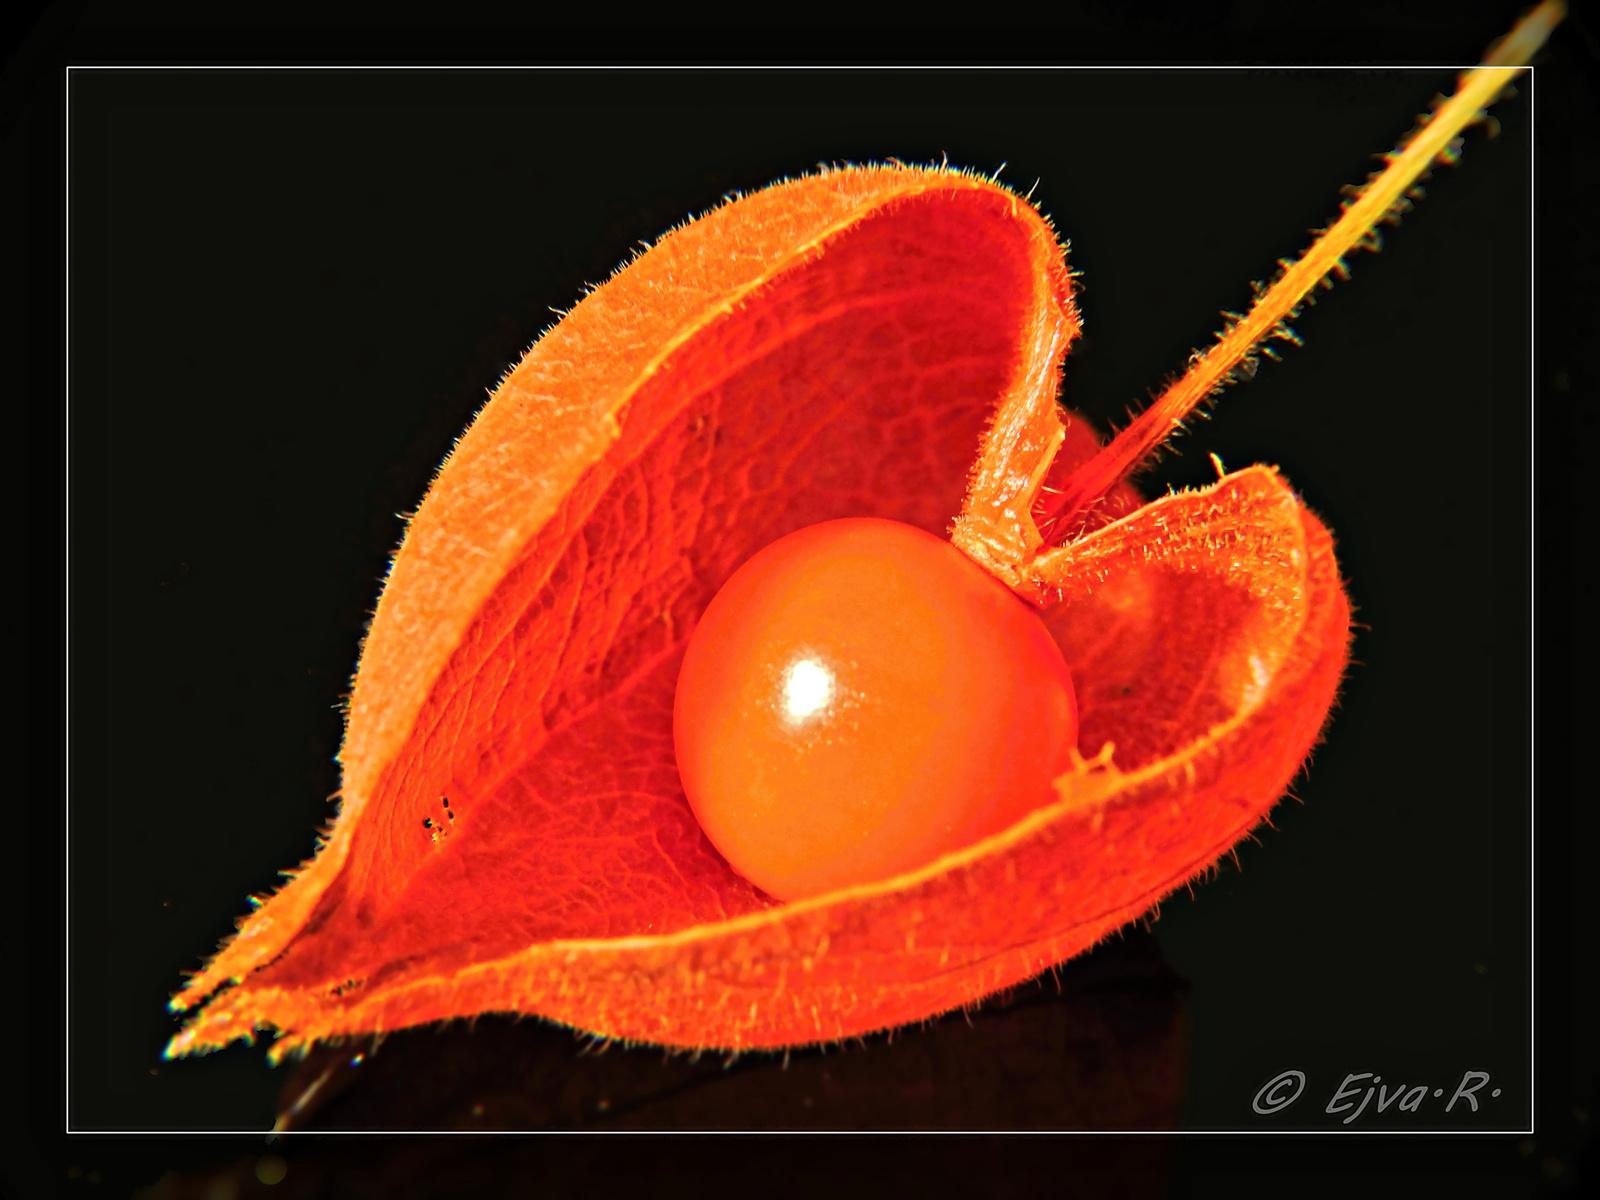 Szívesen :) Lampionvirág gyümölcse (Physalis alkekengi)